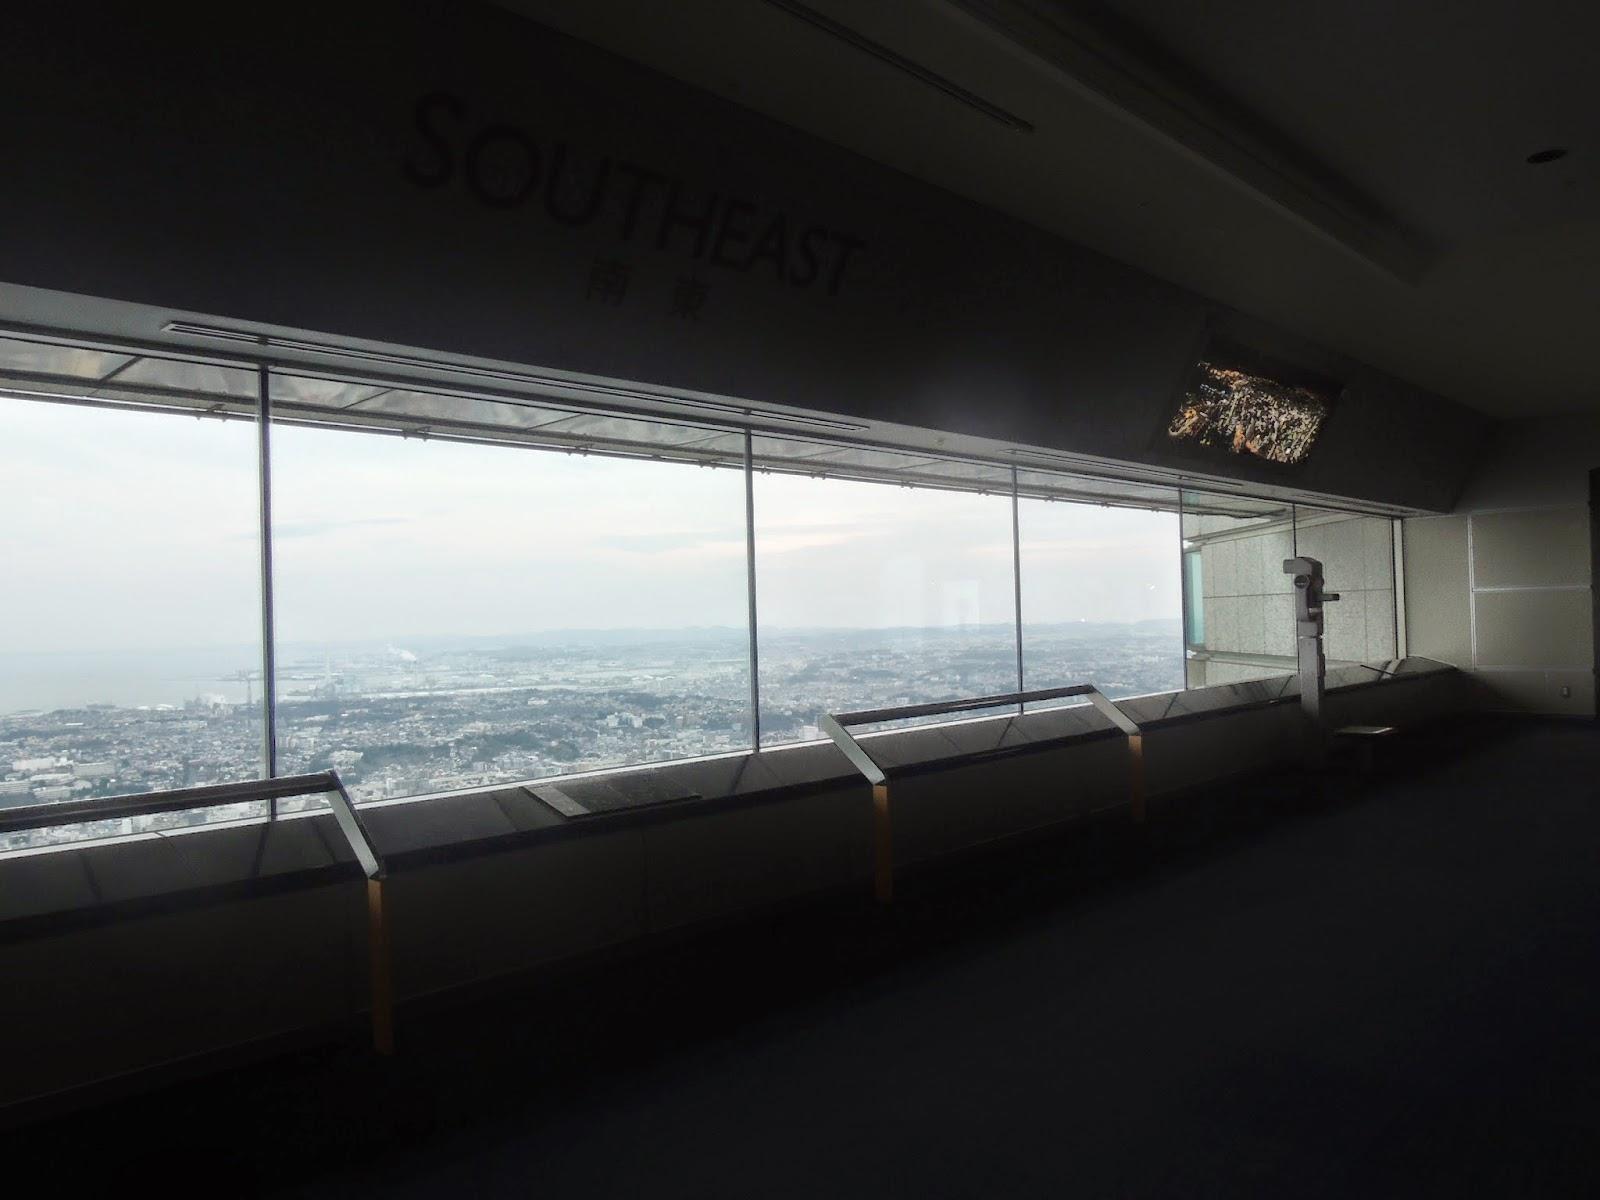 横浜観光【横浜】横浜ランドマークタワー・スカイガーデン Yokohama Landmark Tower Sky Garden